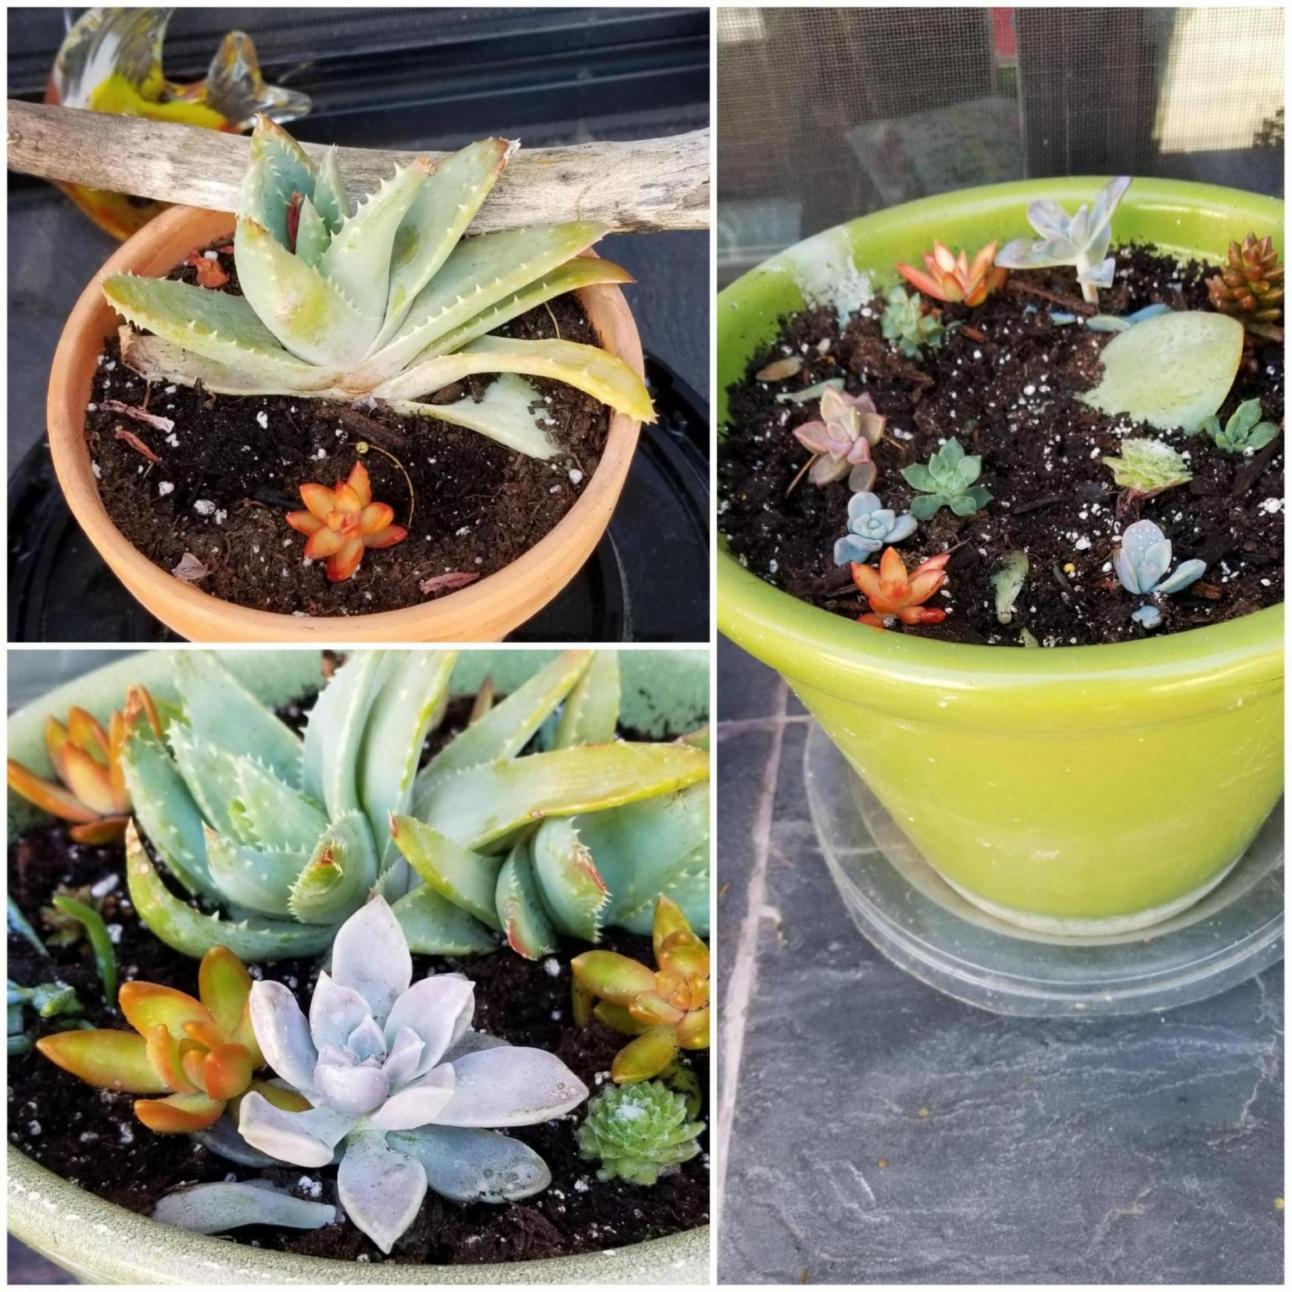 Plant smasher...grr-20190720_095512_1564325086431.jpg